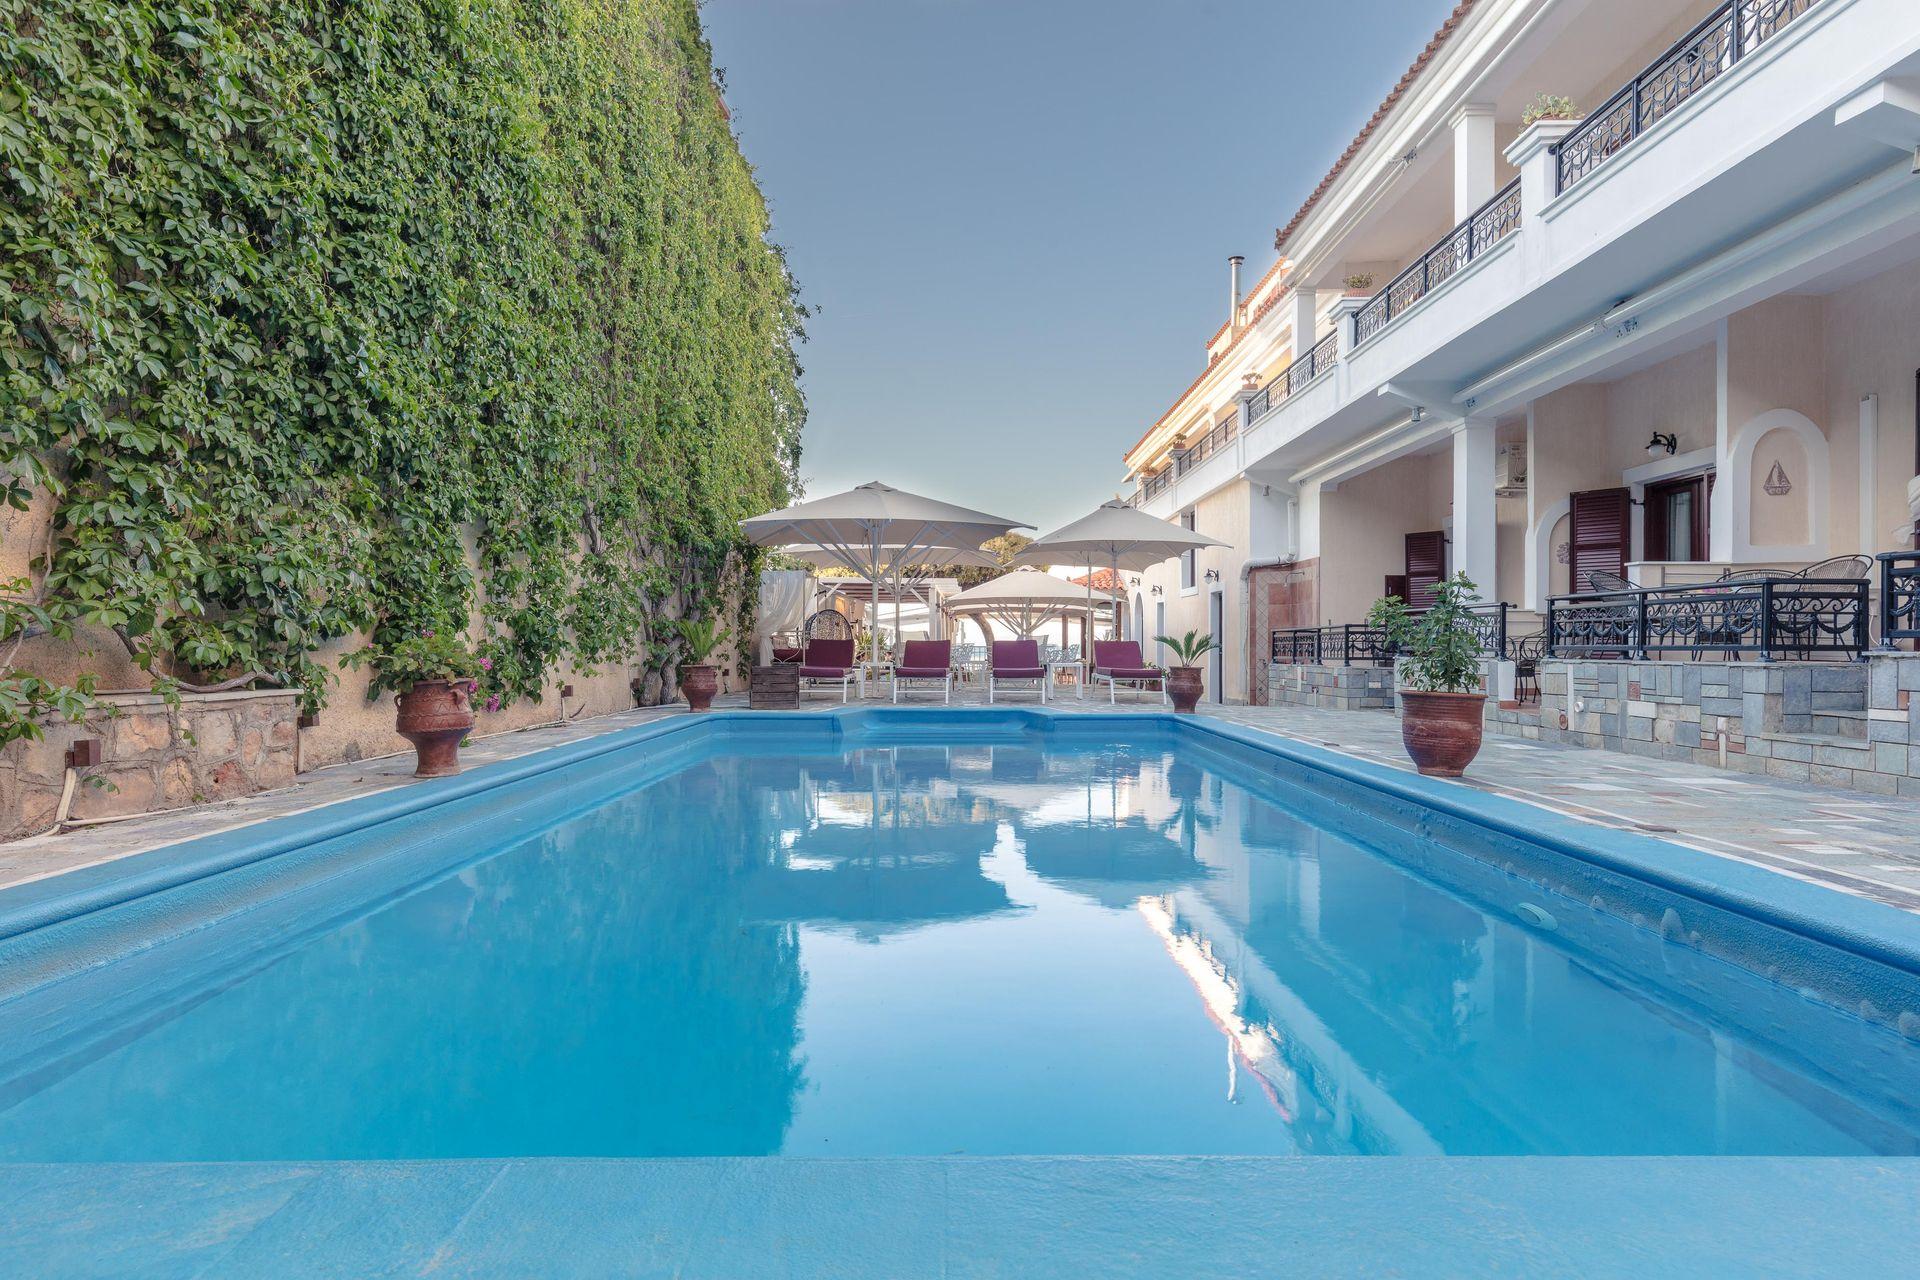 Aktaion Beach Hotel Agistri, Σκάλα, Αγκίστρι